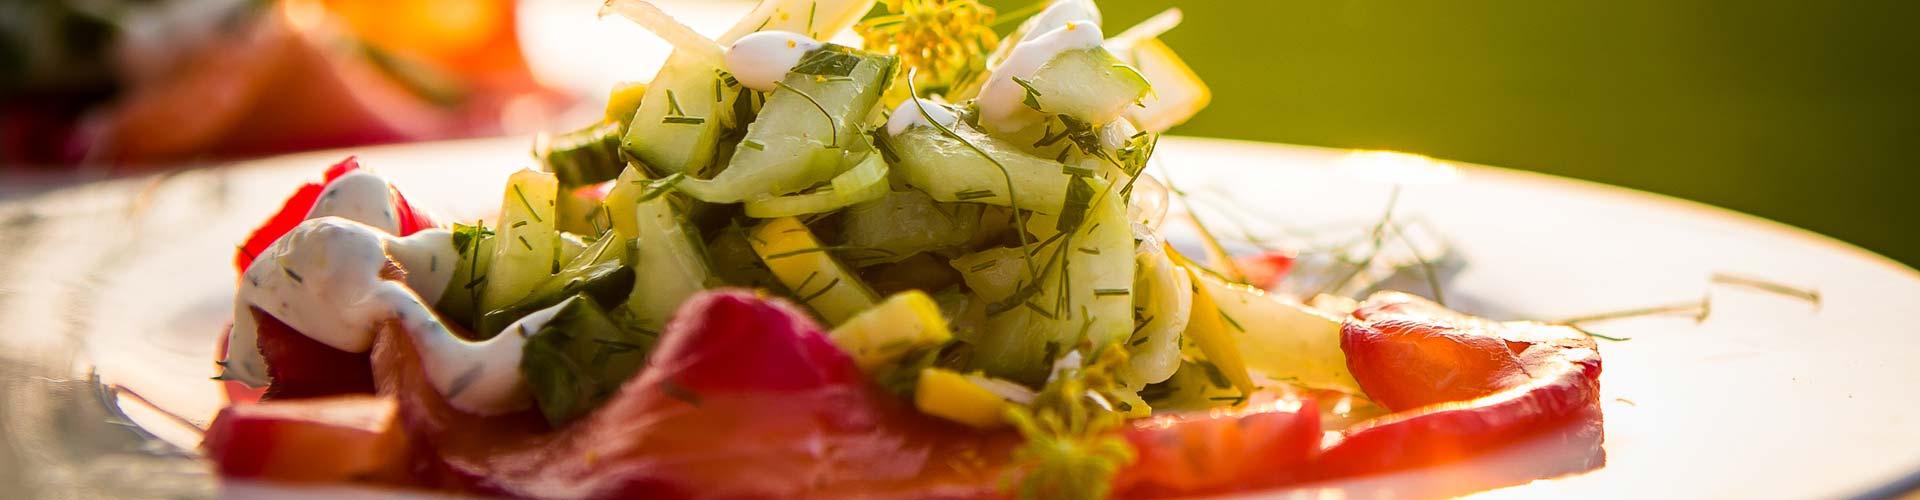 christian-culinair_van-staveren-nijkerk